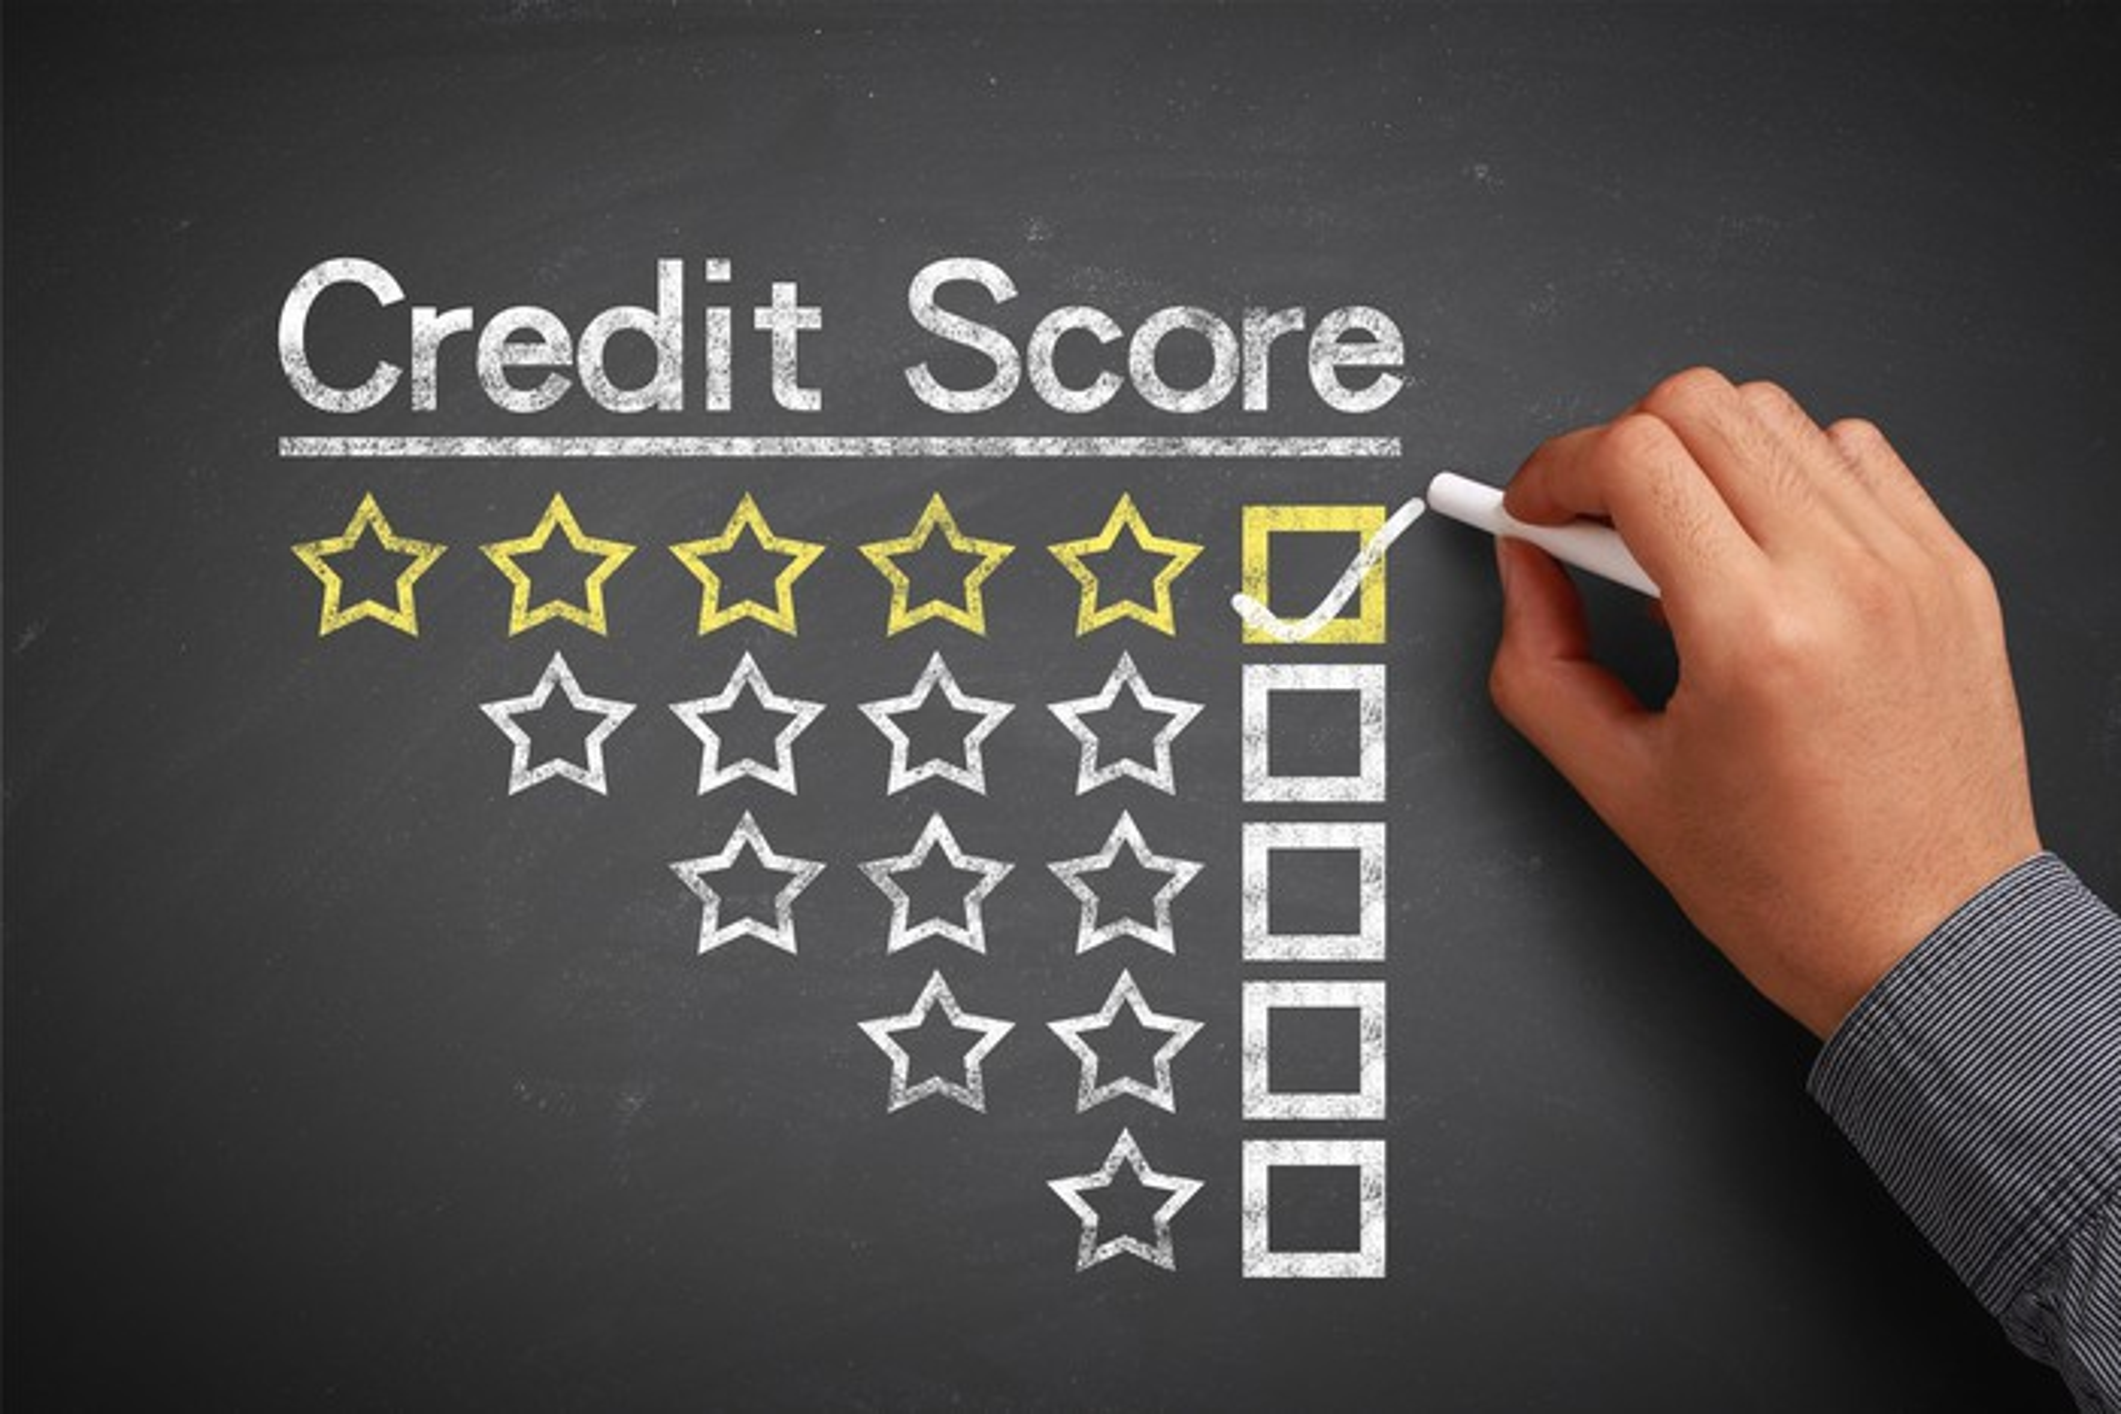 A credit score scale.